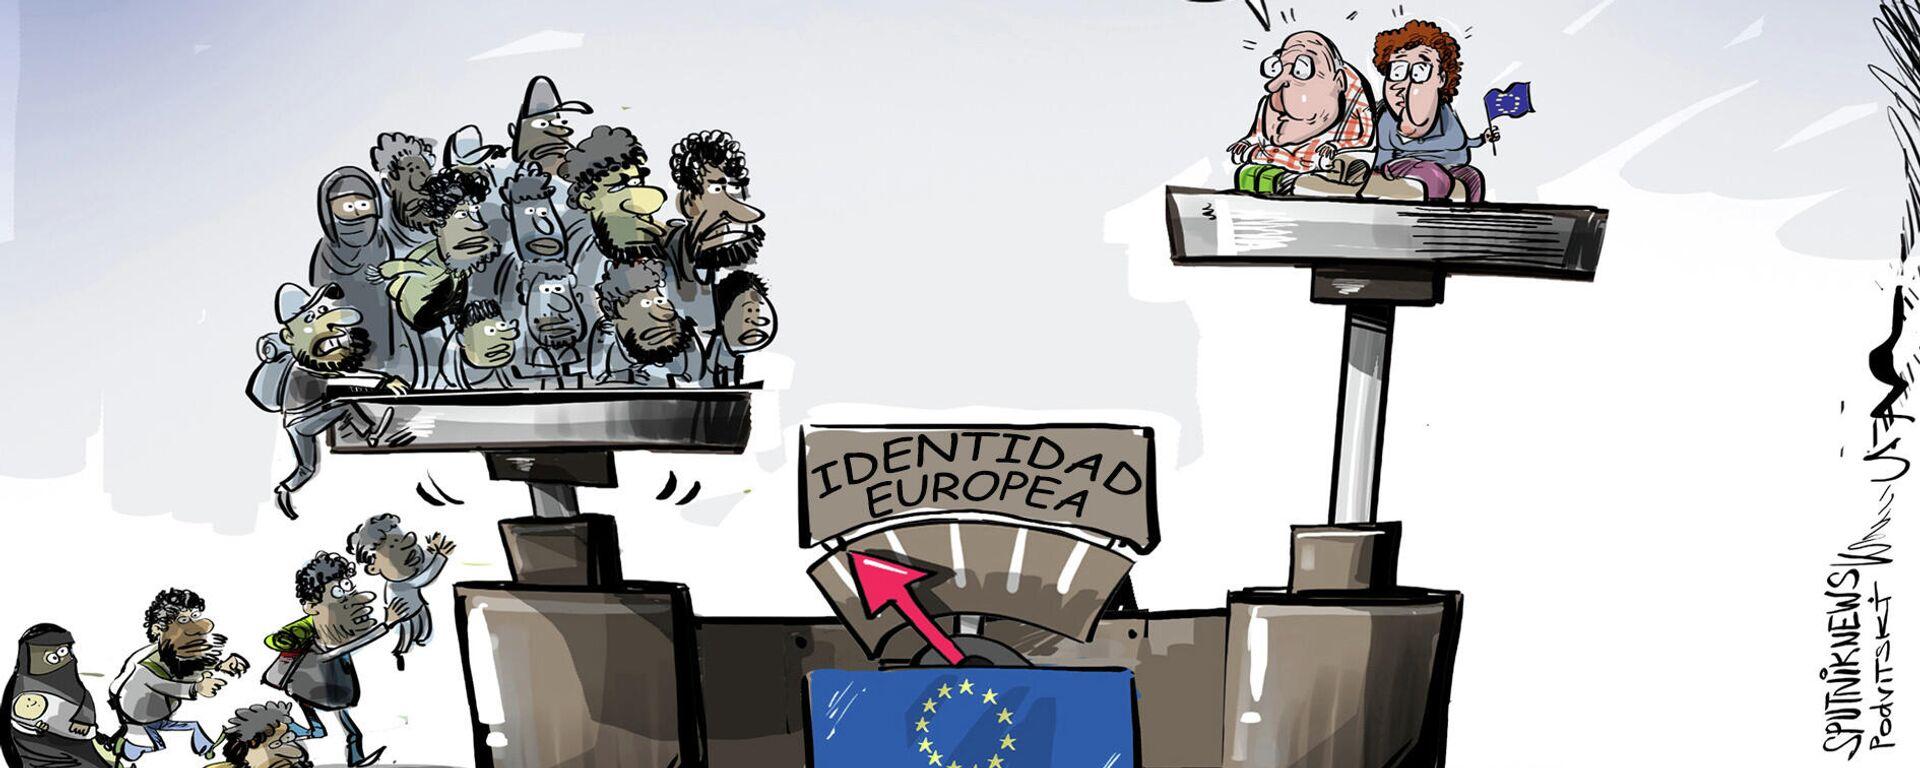 La UE no cambiará su identidad por migrantes afganos - Sputnik Mundo, 1920, 04.09.2021